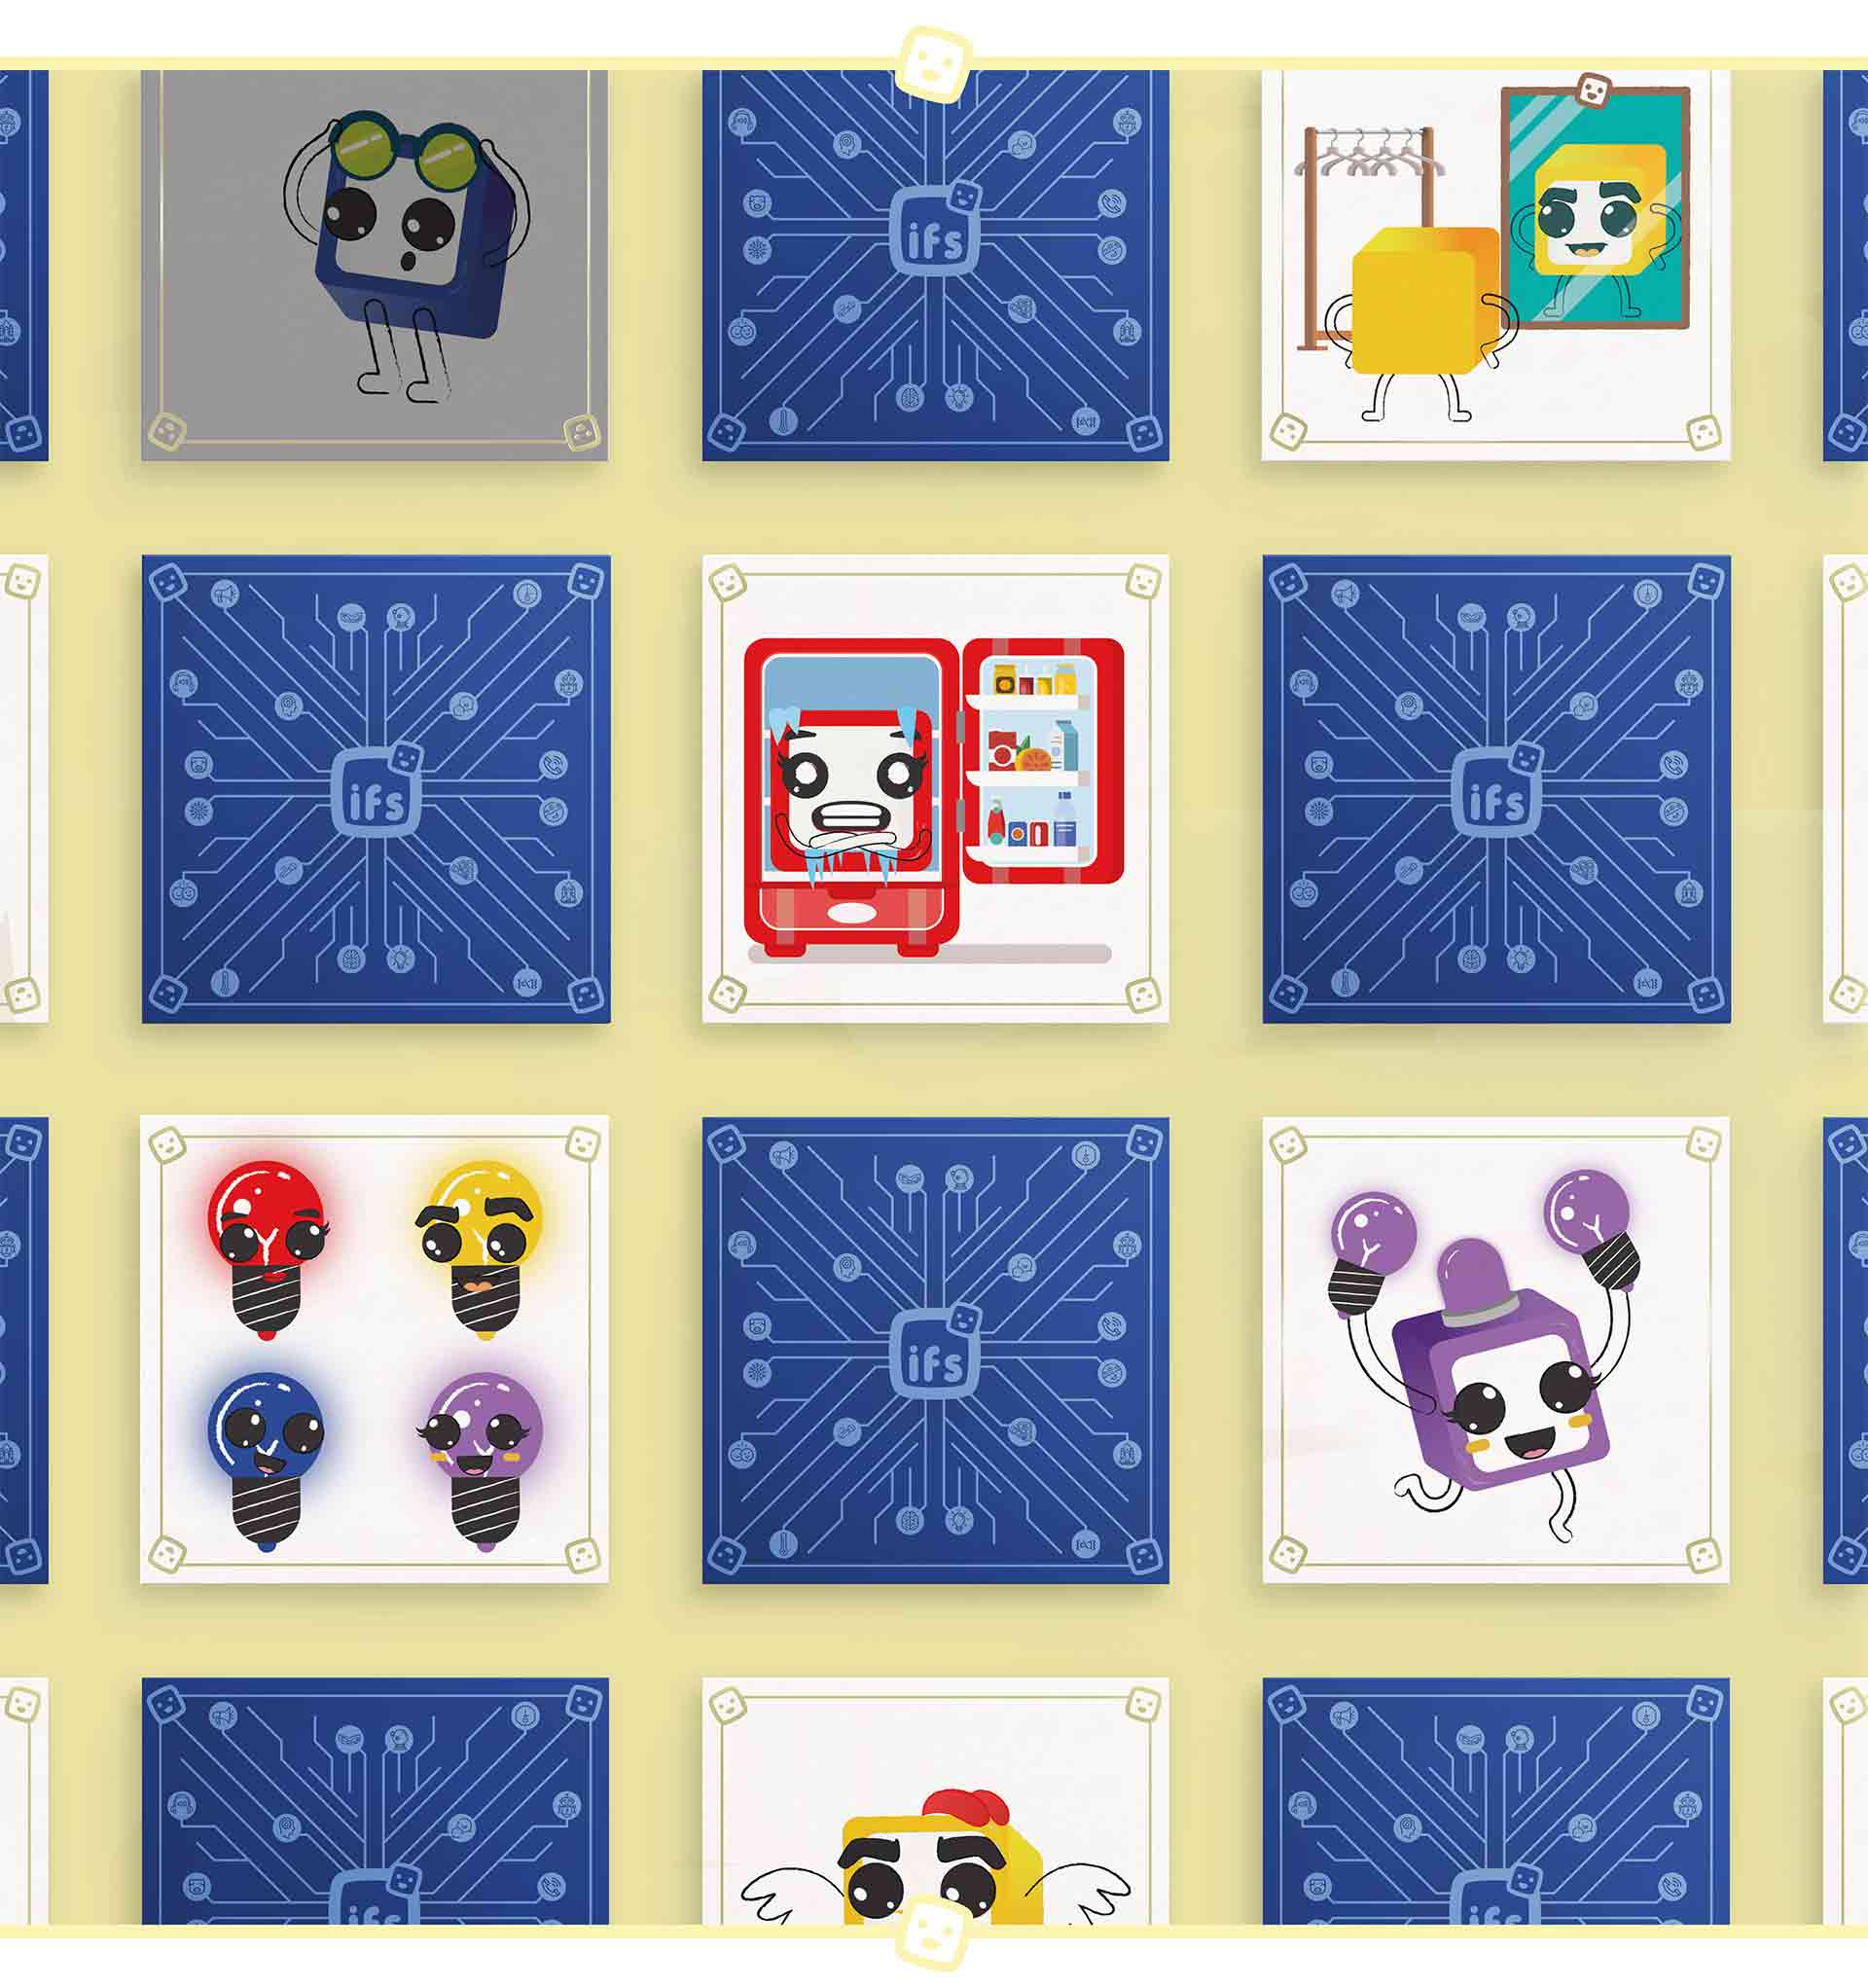 The Ifs juguetes tecnologicos para niños jessica sanmiguel diseño zaragoza-11